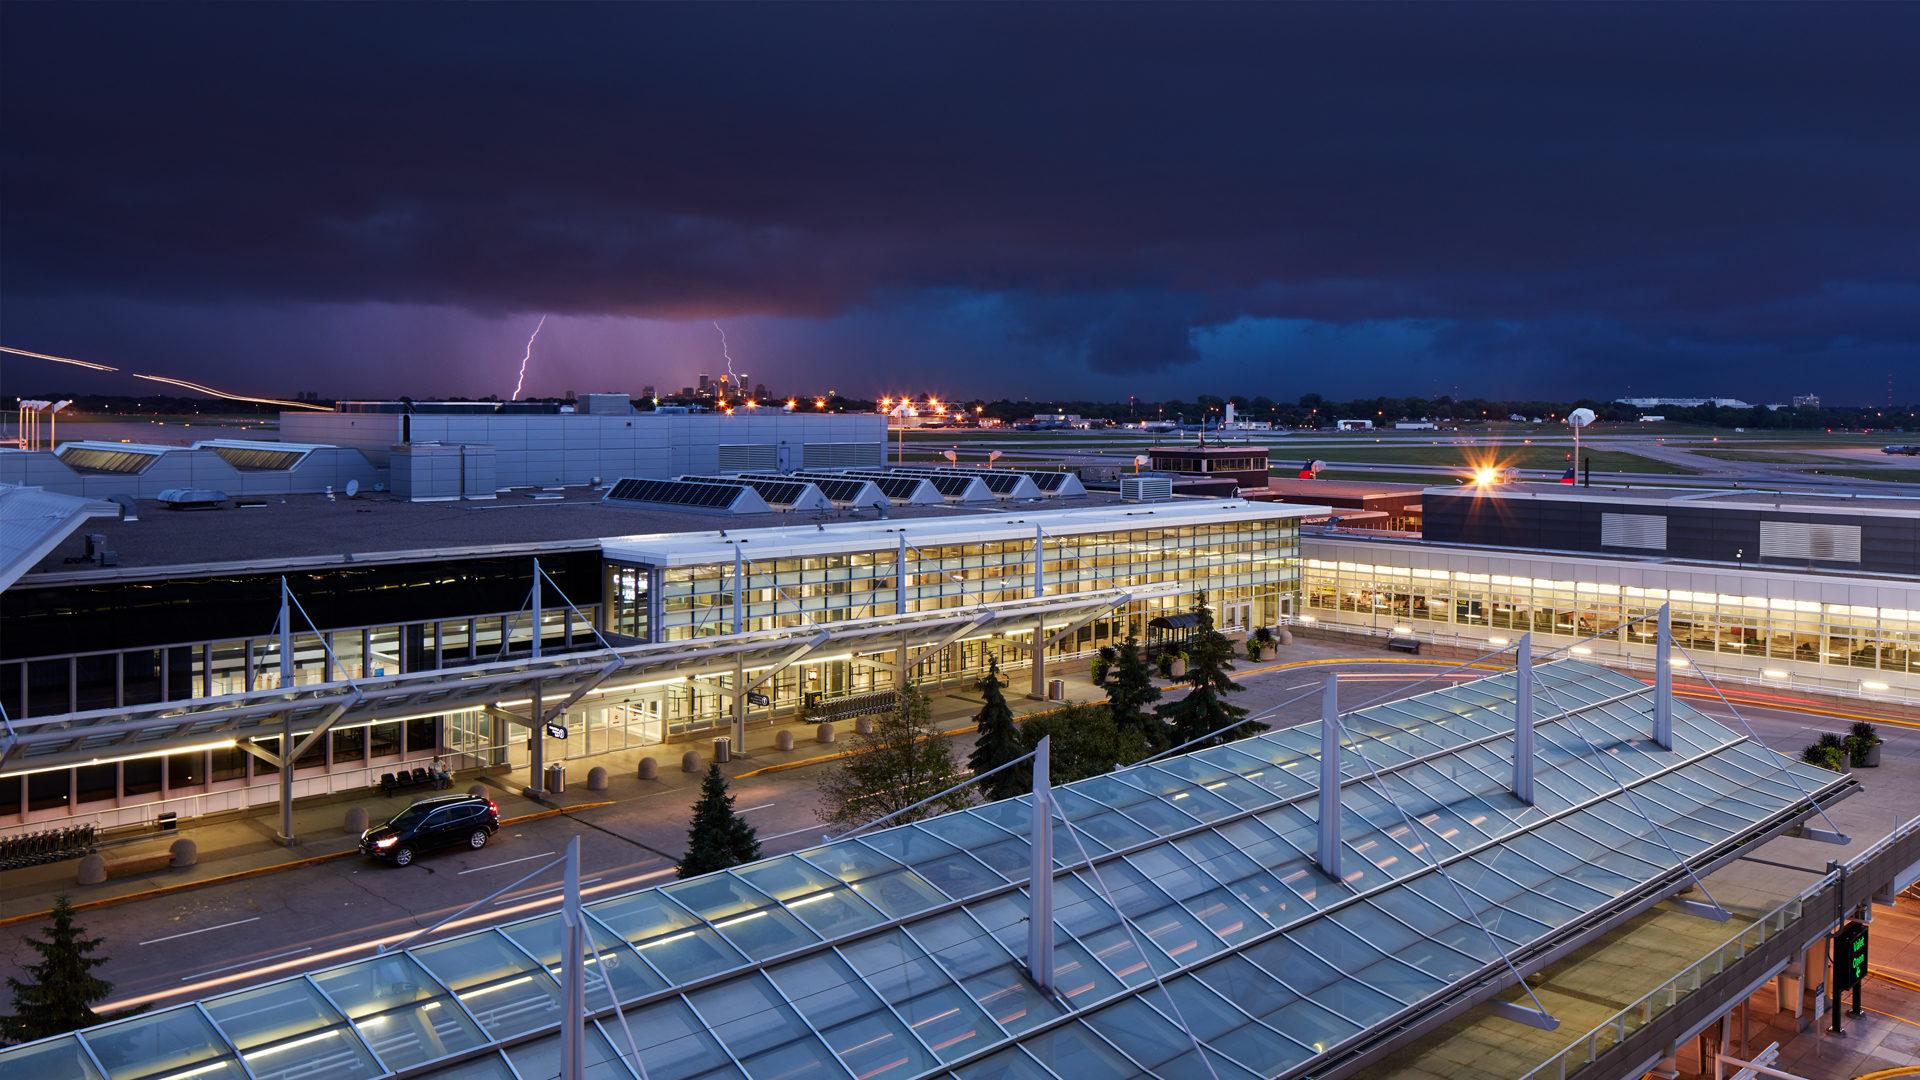 MAC T2-Humphrey Terminal Bloomington_Exterior View From Ramp of the Terminal at Night